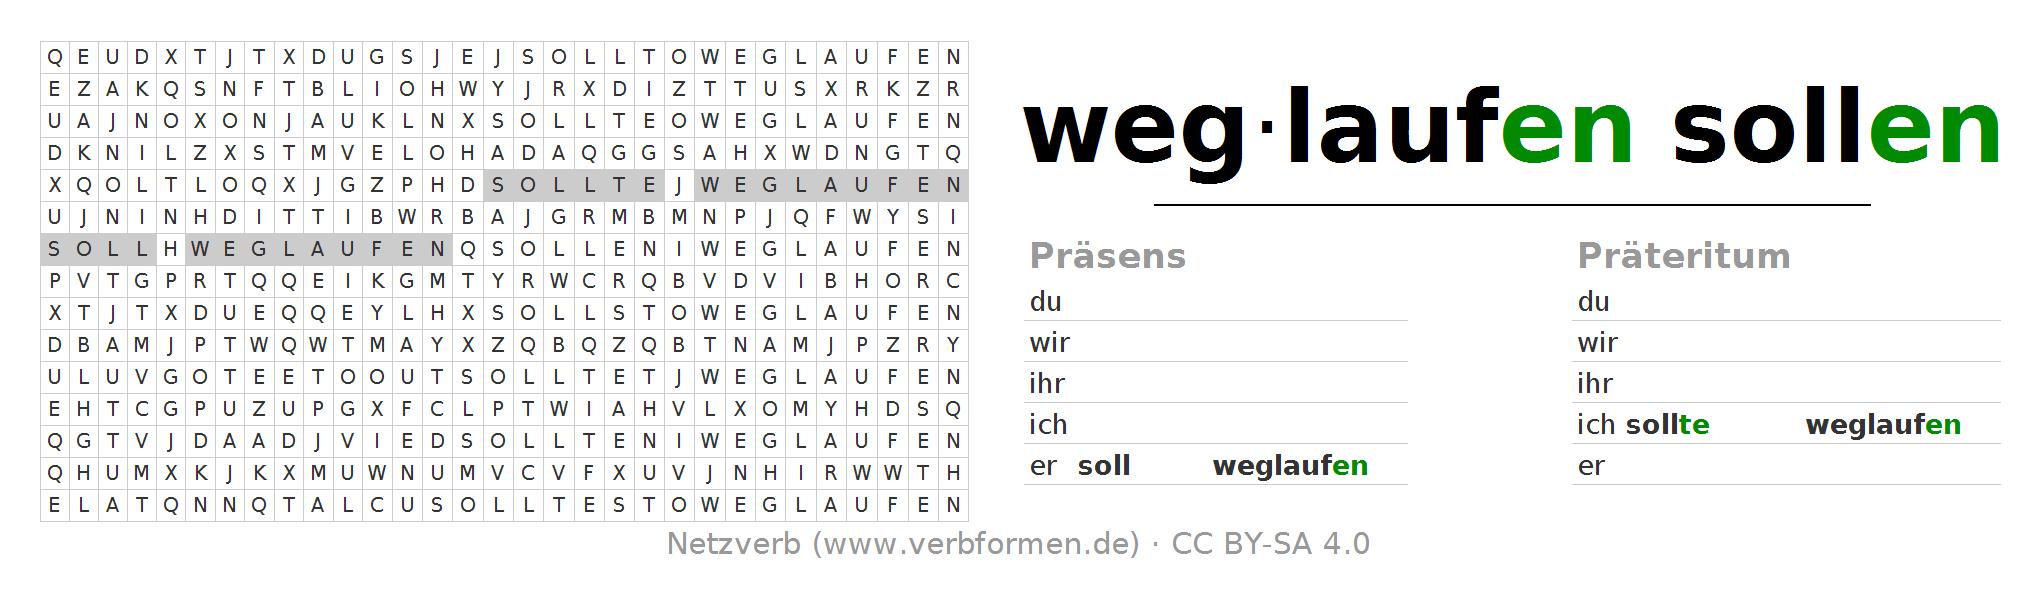 Wortsuchrätsel Für Die Konjugation Des Verbs Soll Weglaufen - Weglaufen, Transparent background PNG HD thumbnail